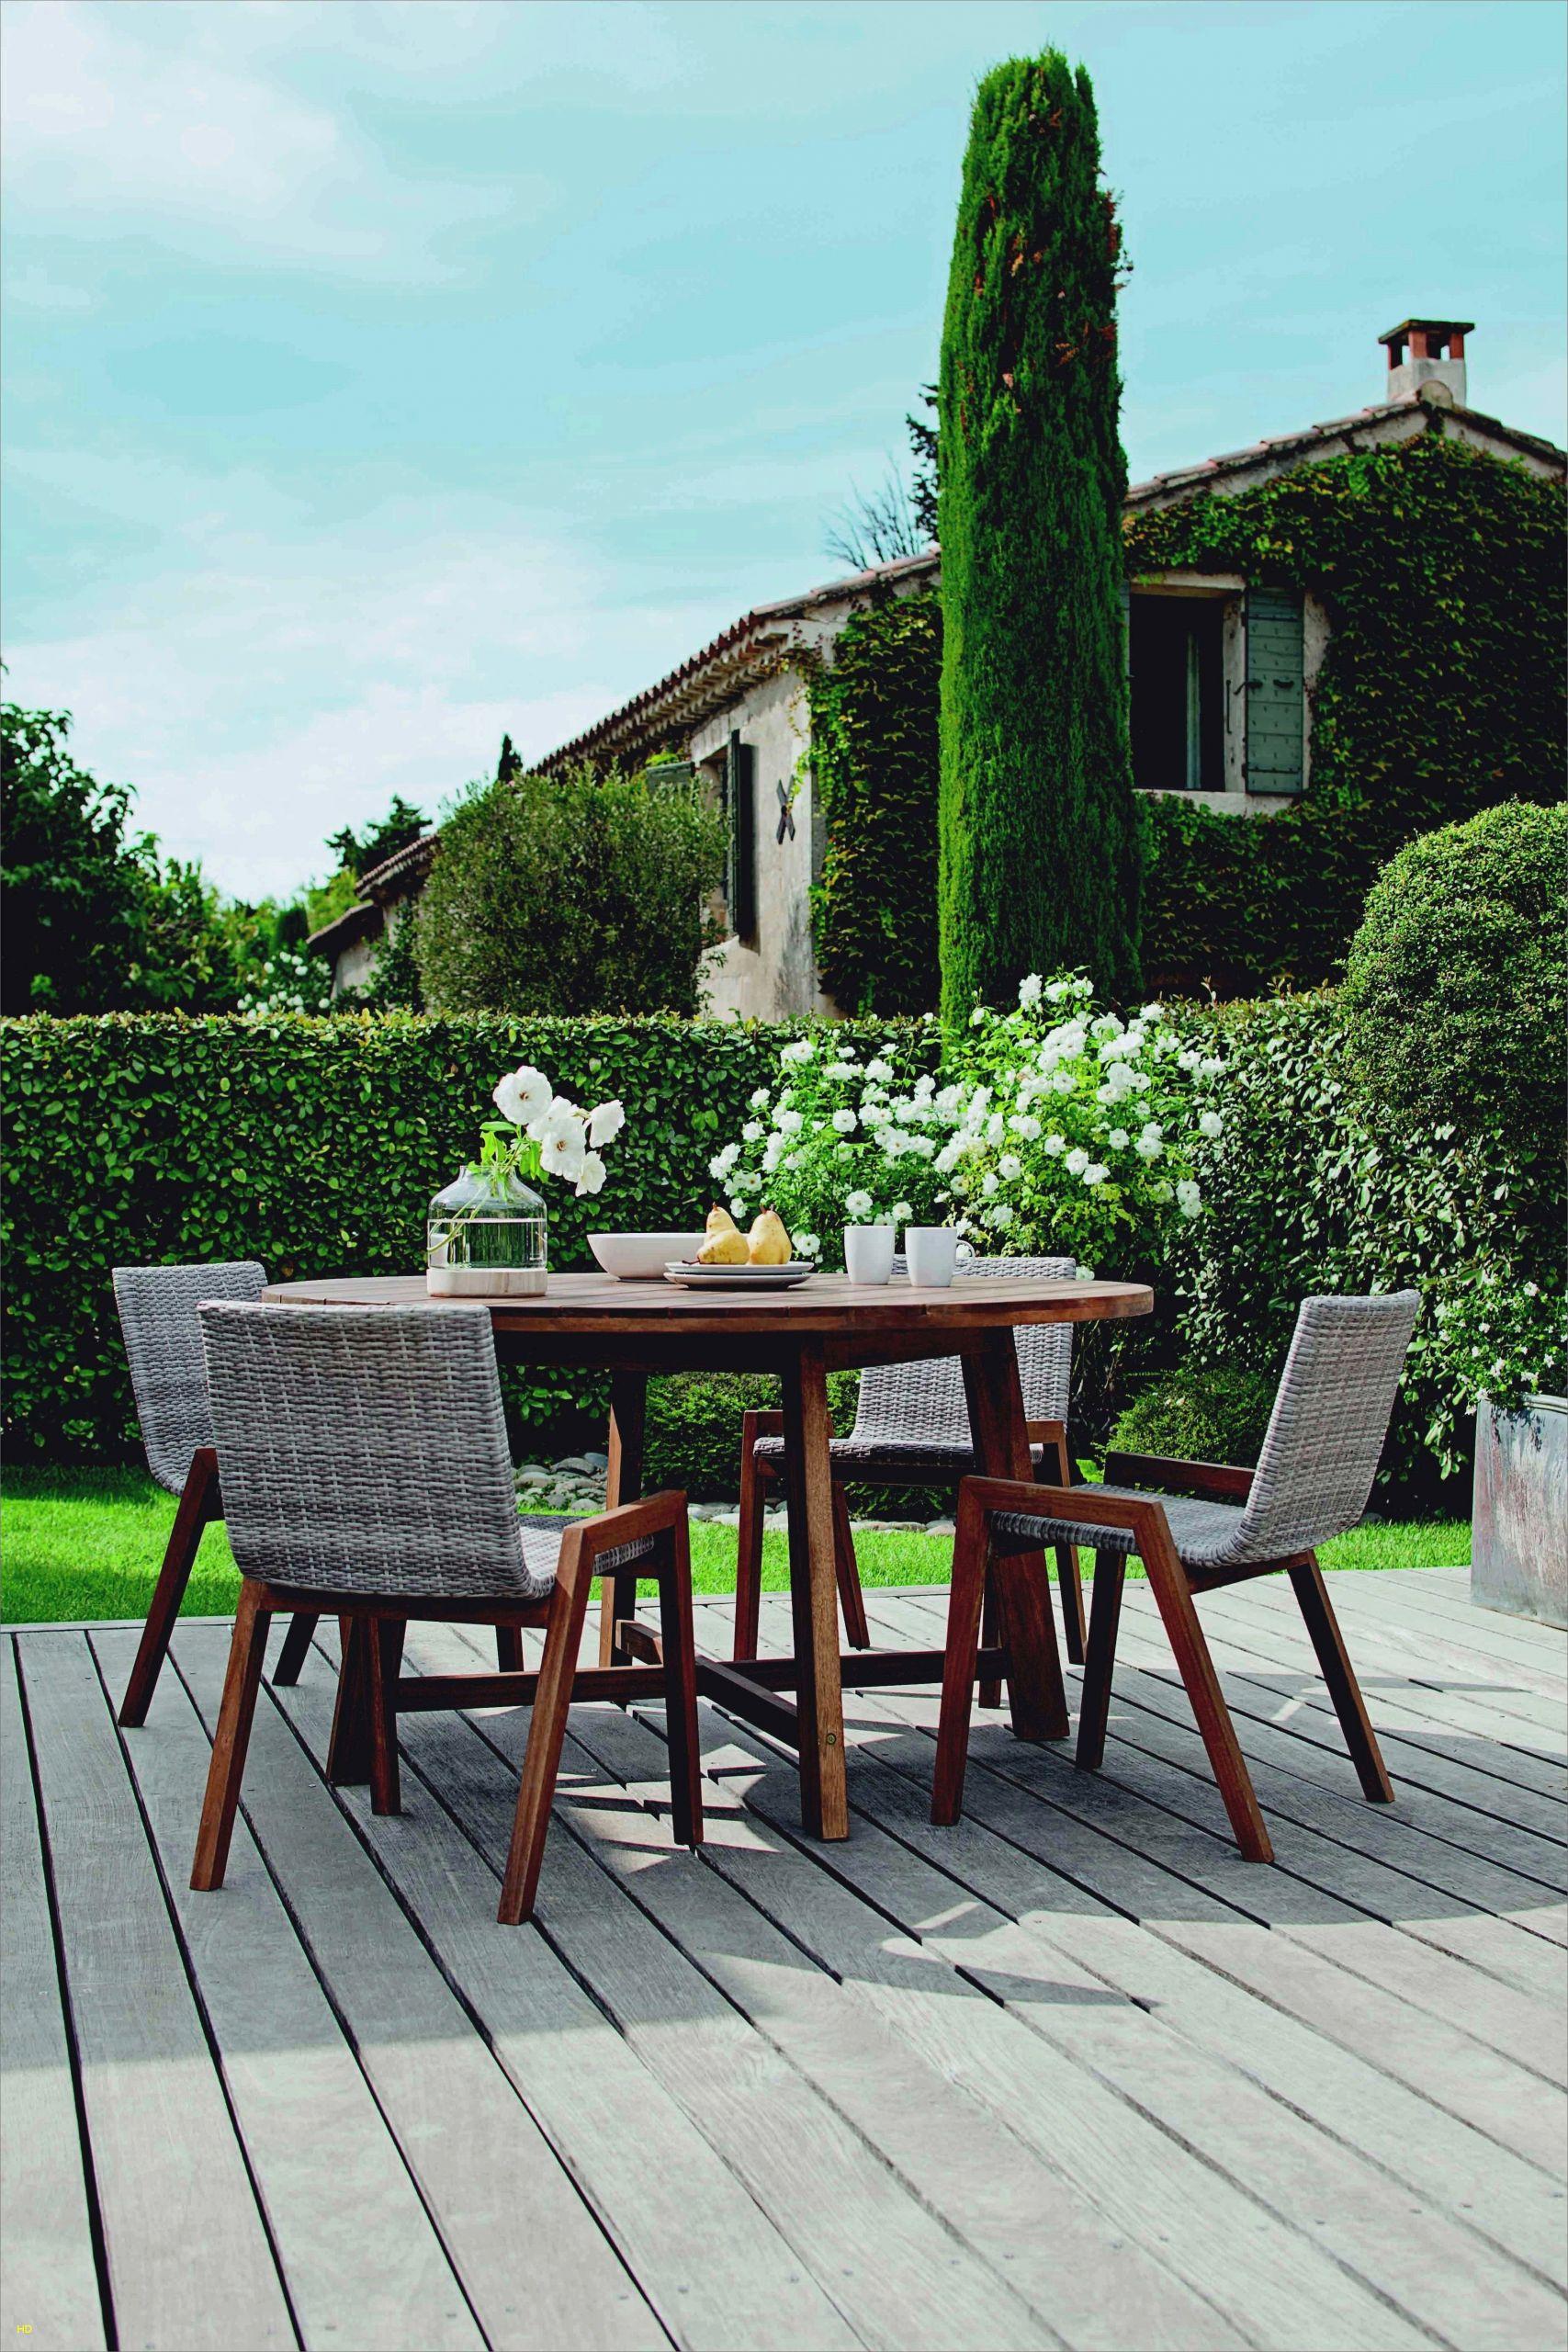 Solde Salon Jardin Best Of Salon De Jardin Leclerc Catalogue ... concernant Leclerc Mobilier De Jardin